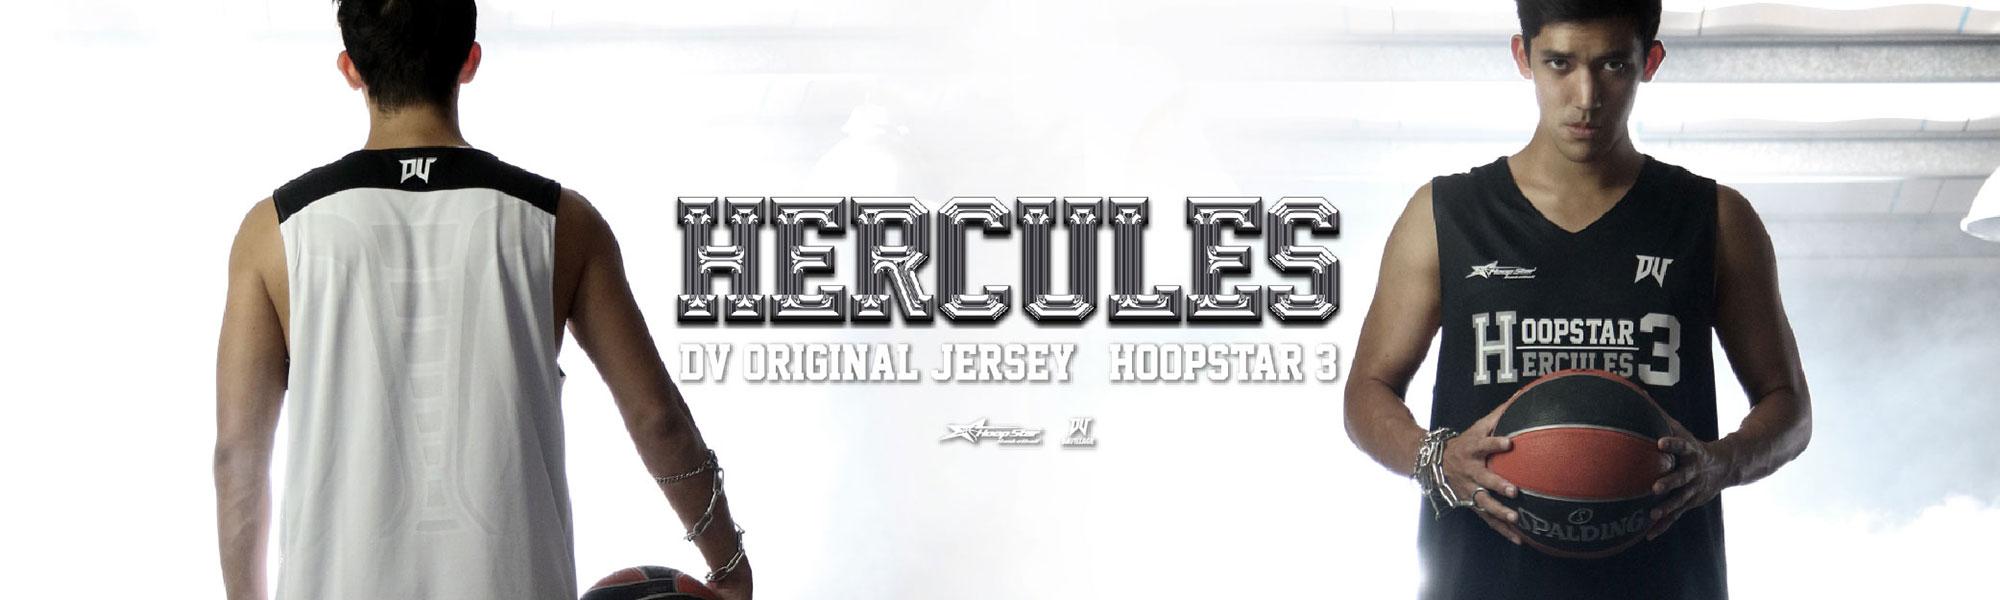 banner-uniform-basketball-hoopstar3